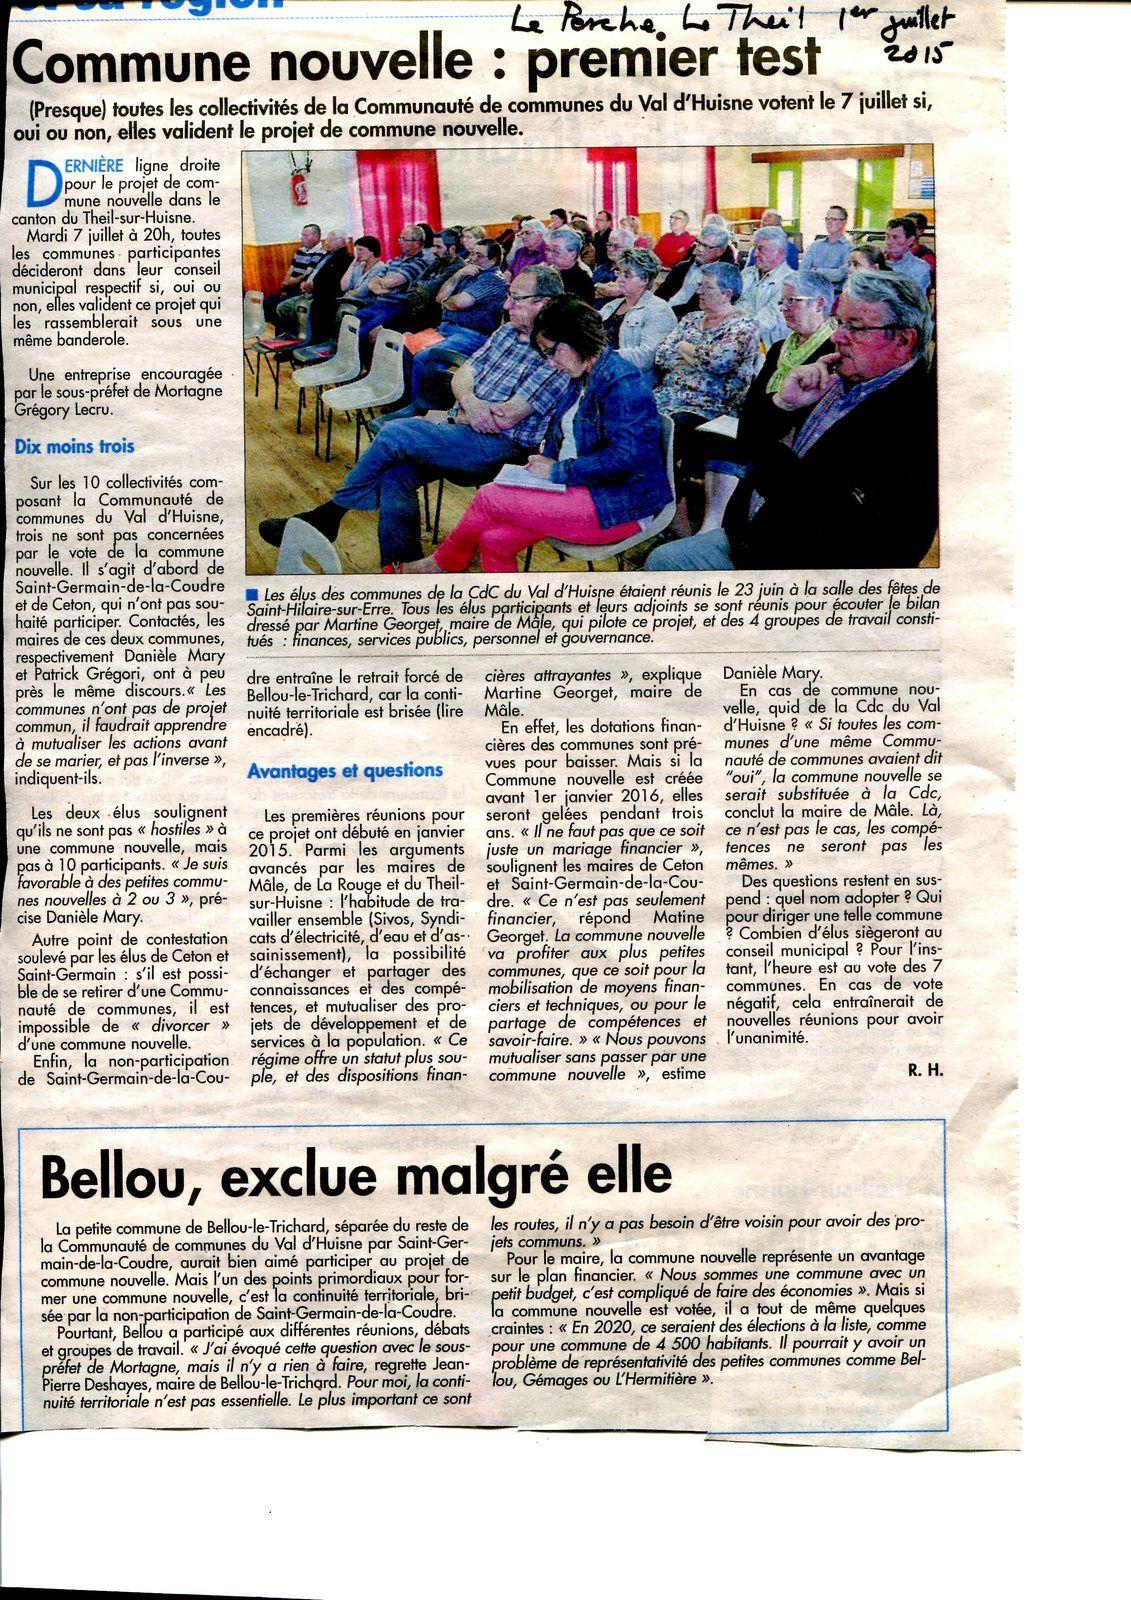 Communes nouvelles du Perche (avec l'autorisation du journal Le Perche)